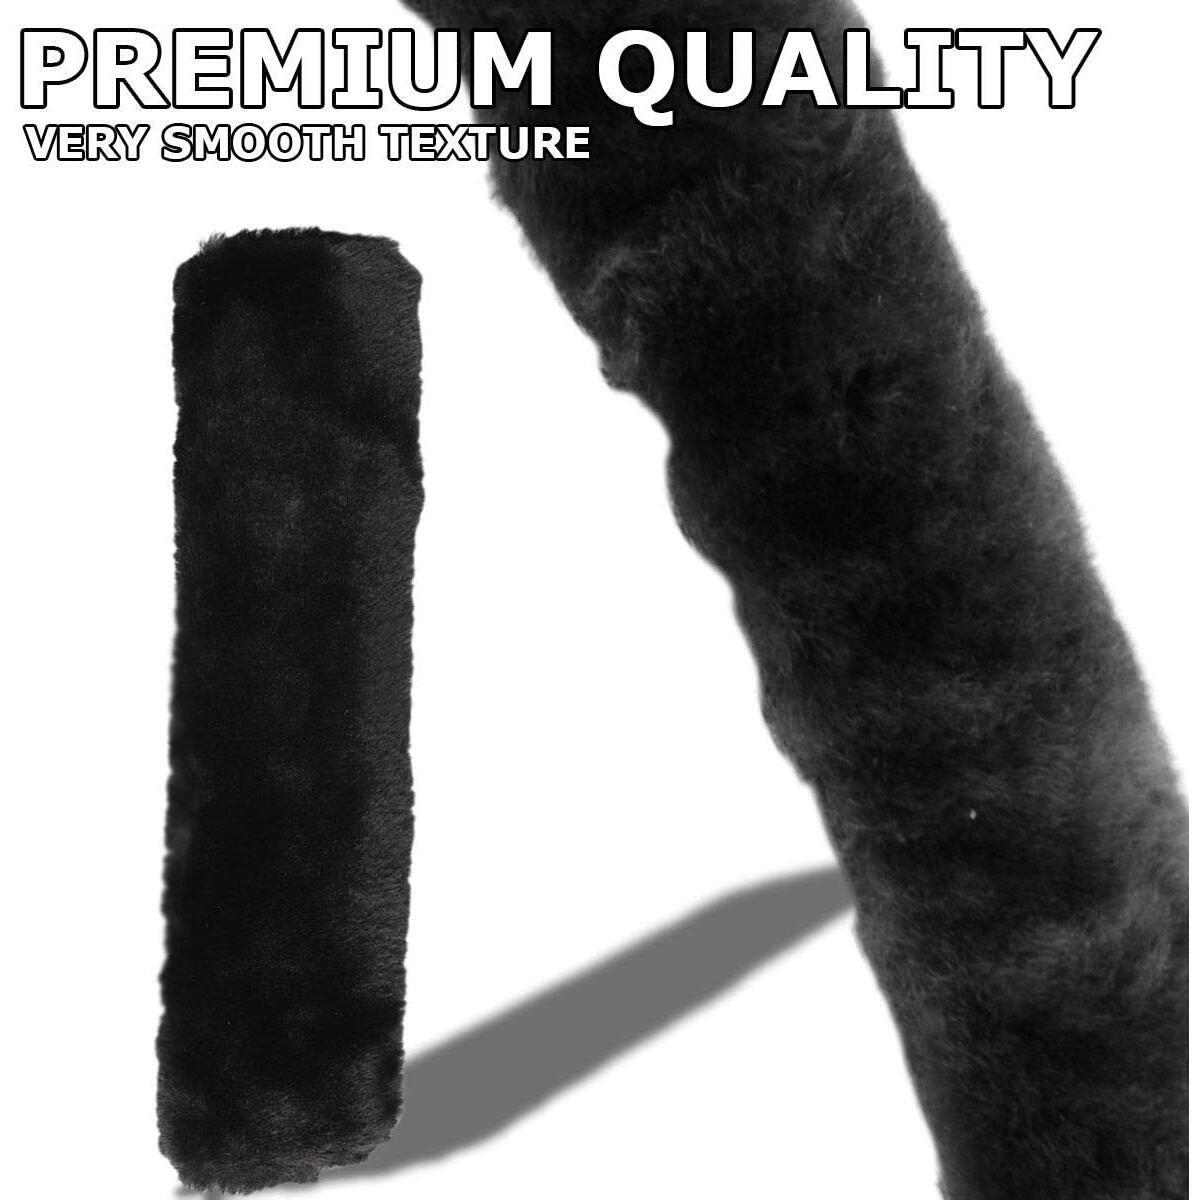 VaygWay Faux Fur Seatbelt Cover – Soft Sheepskin Car Belt Cover – Shoulder Pad and Neck Cushion – Bag Backpack Laptop Strap Cover – Black Sheepskin Furry 4 Pack